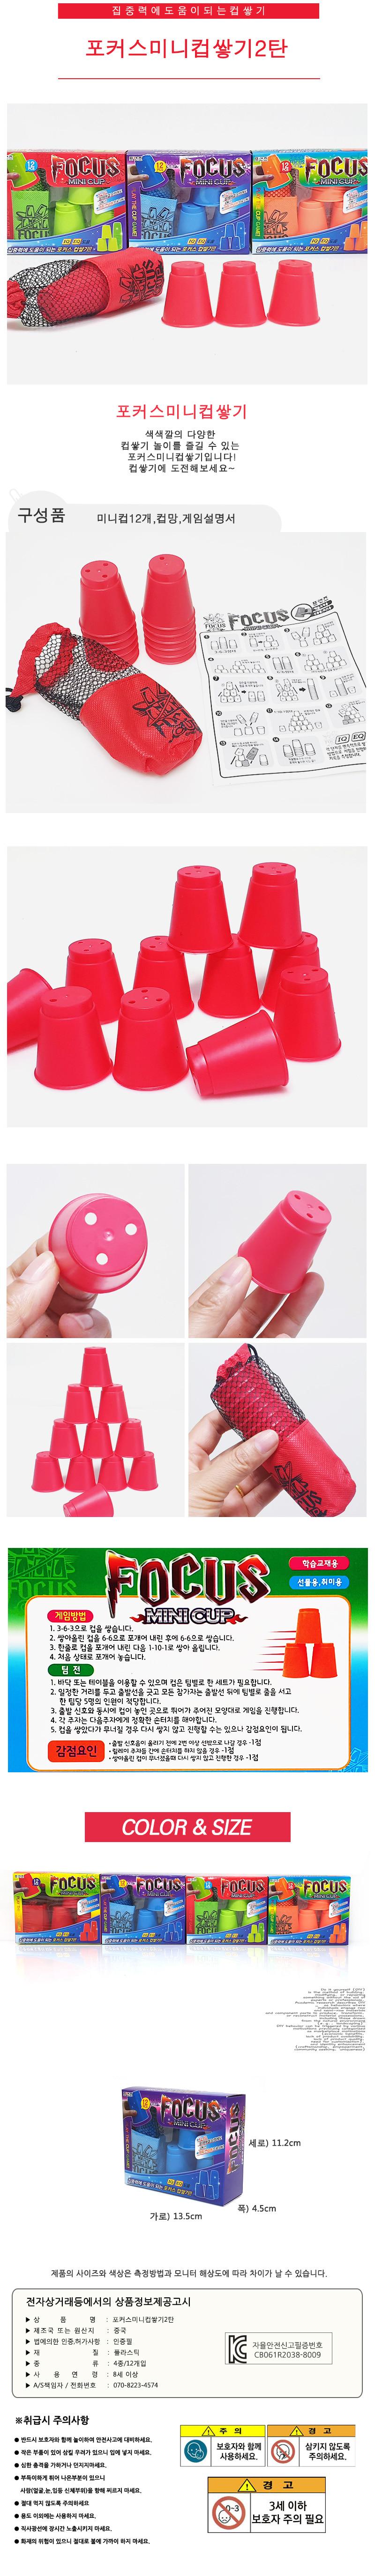 포커스미니컵쌓기 랜덤 - 아토, 2,000원, 교육용, 교육용 장난감